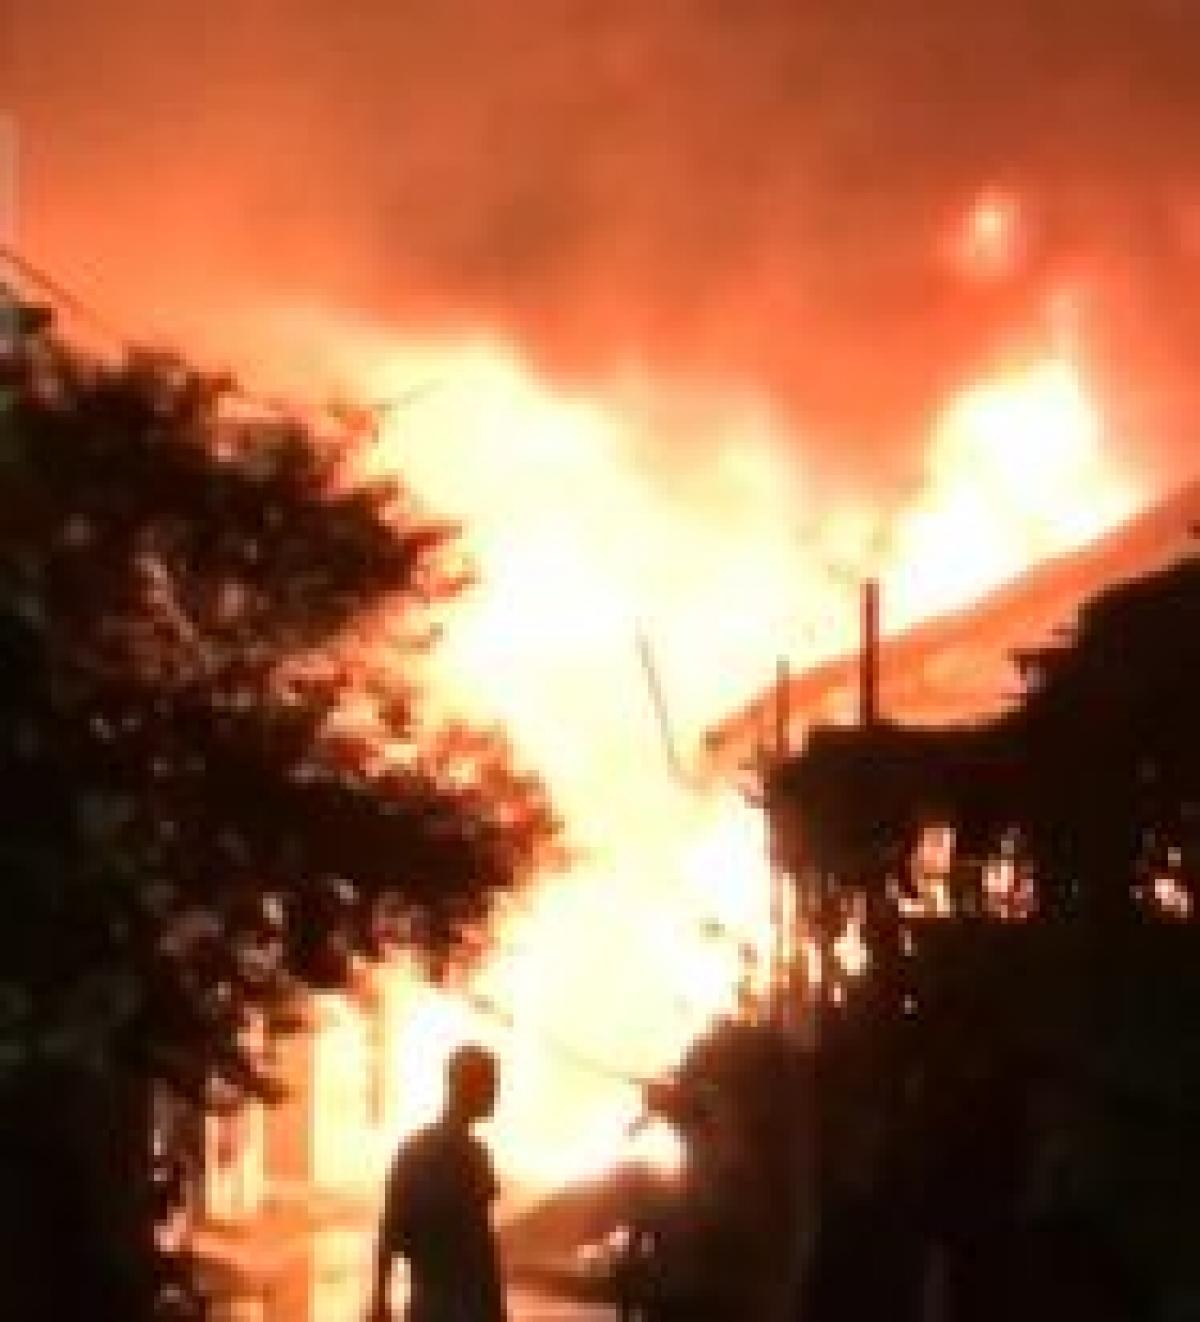 Ngọn lửa bùng phát nhanh khiến nhiều đồ đạc bị thiêu rụi.